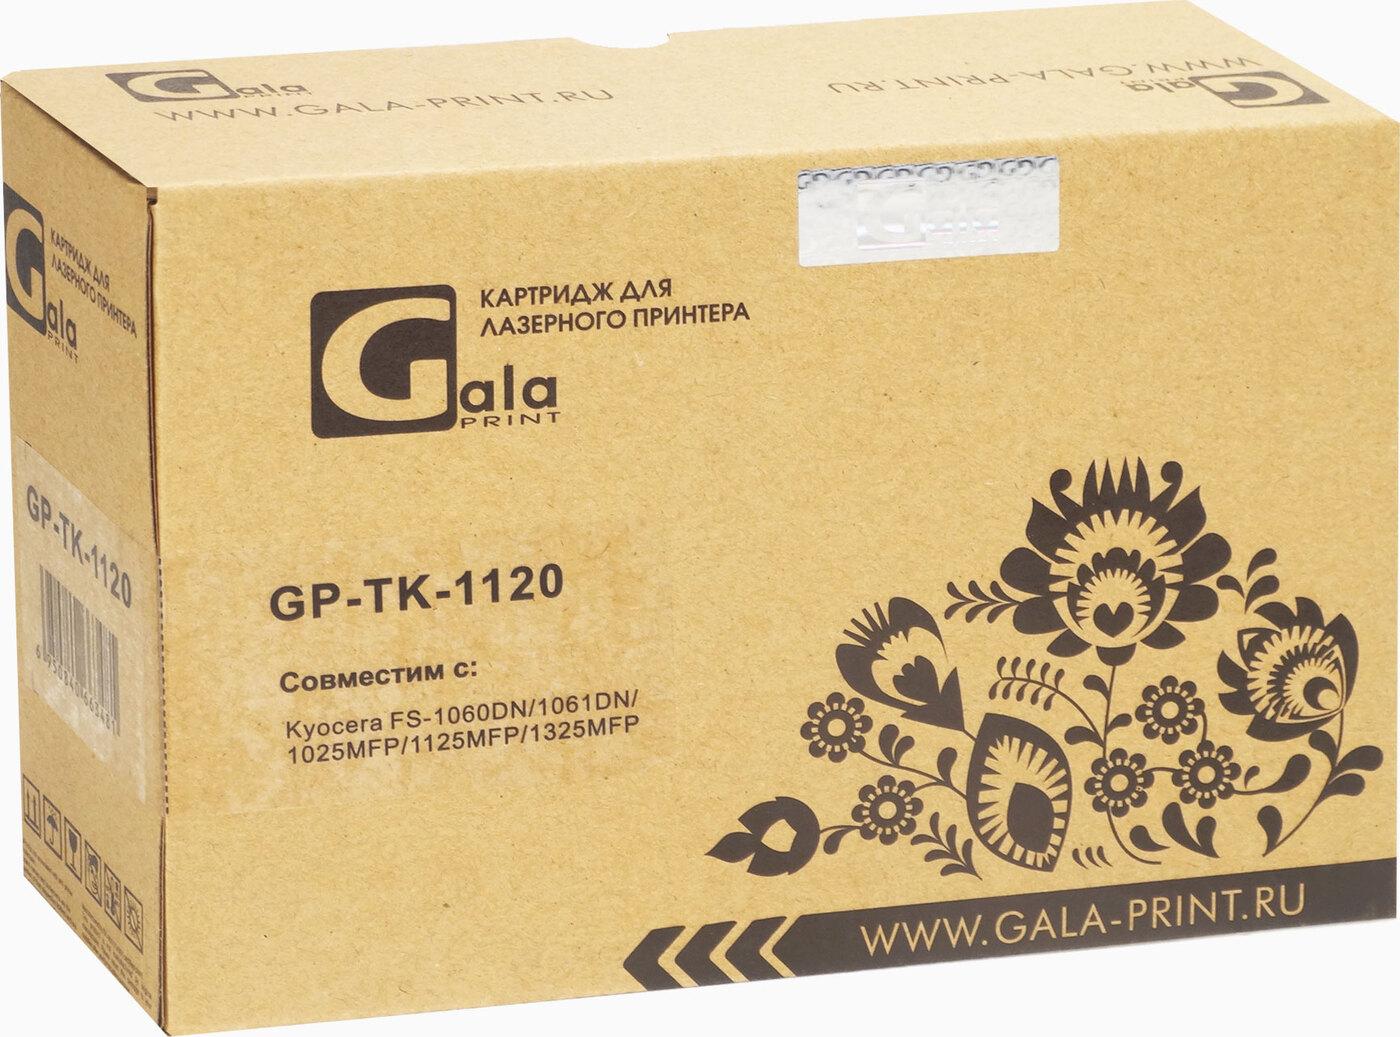 Картридж GalaPrint GP-TK-1120